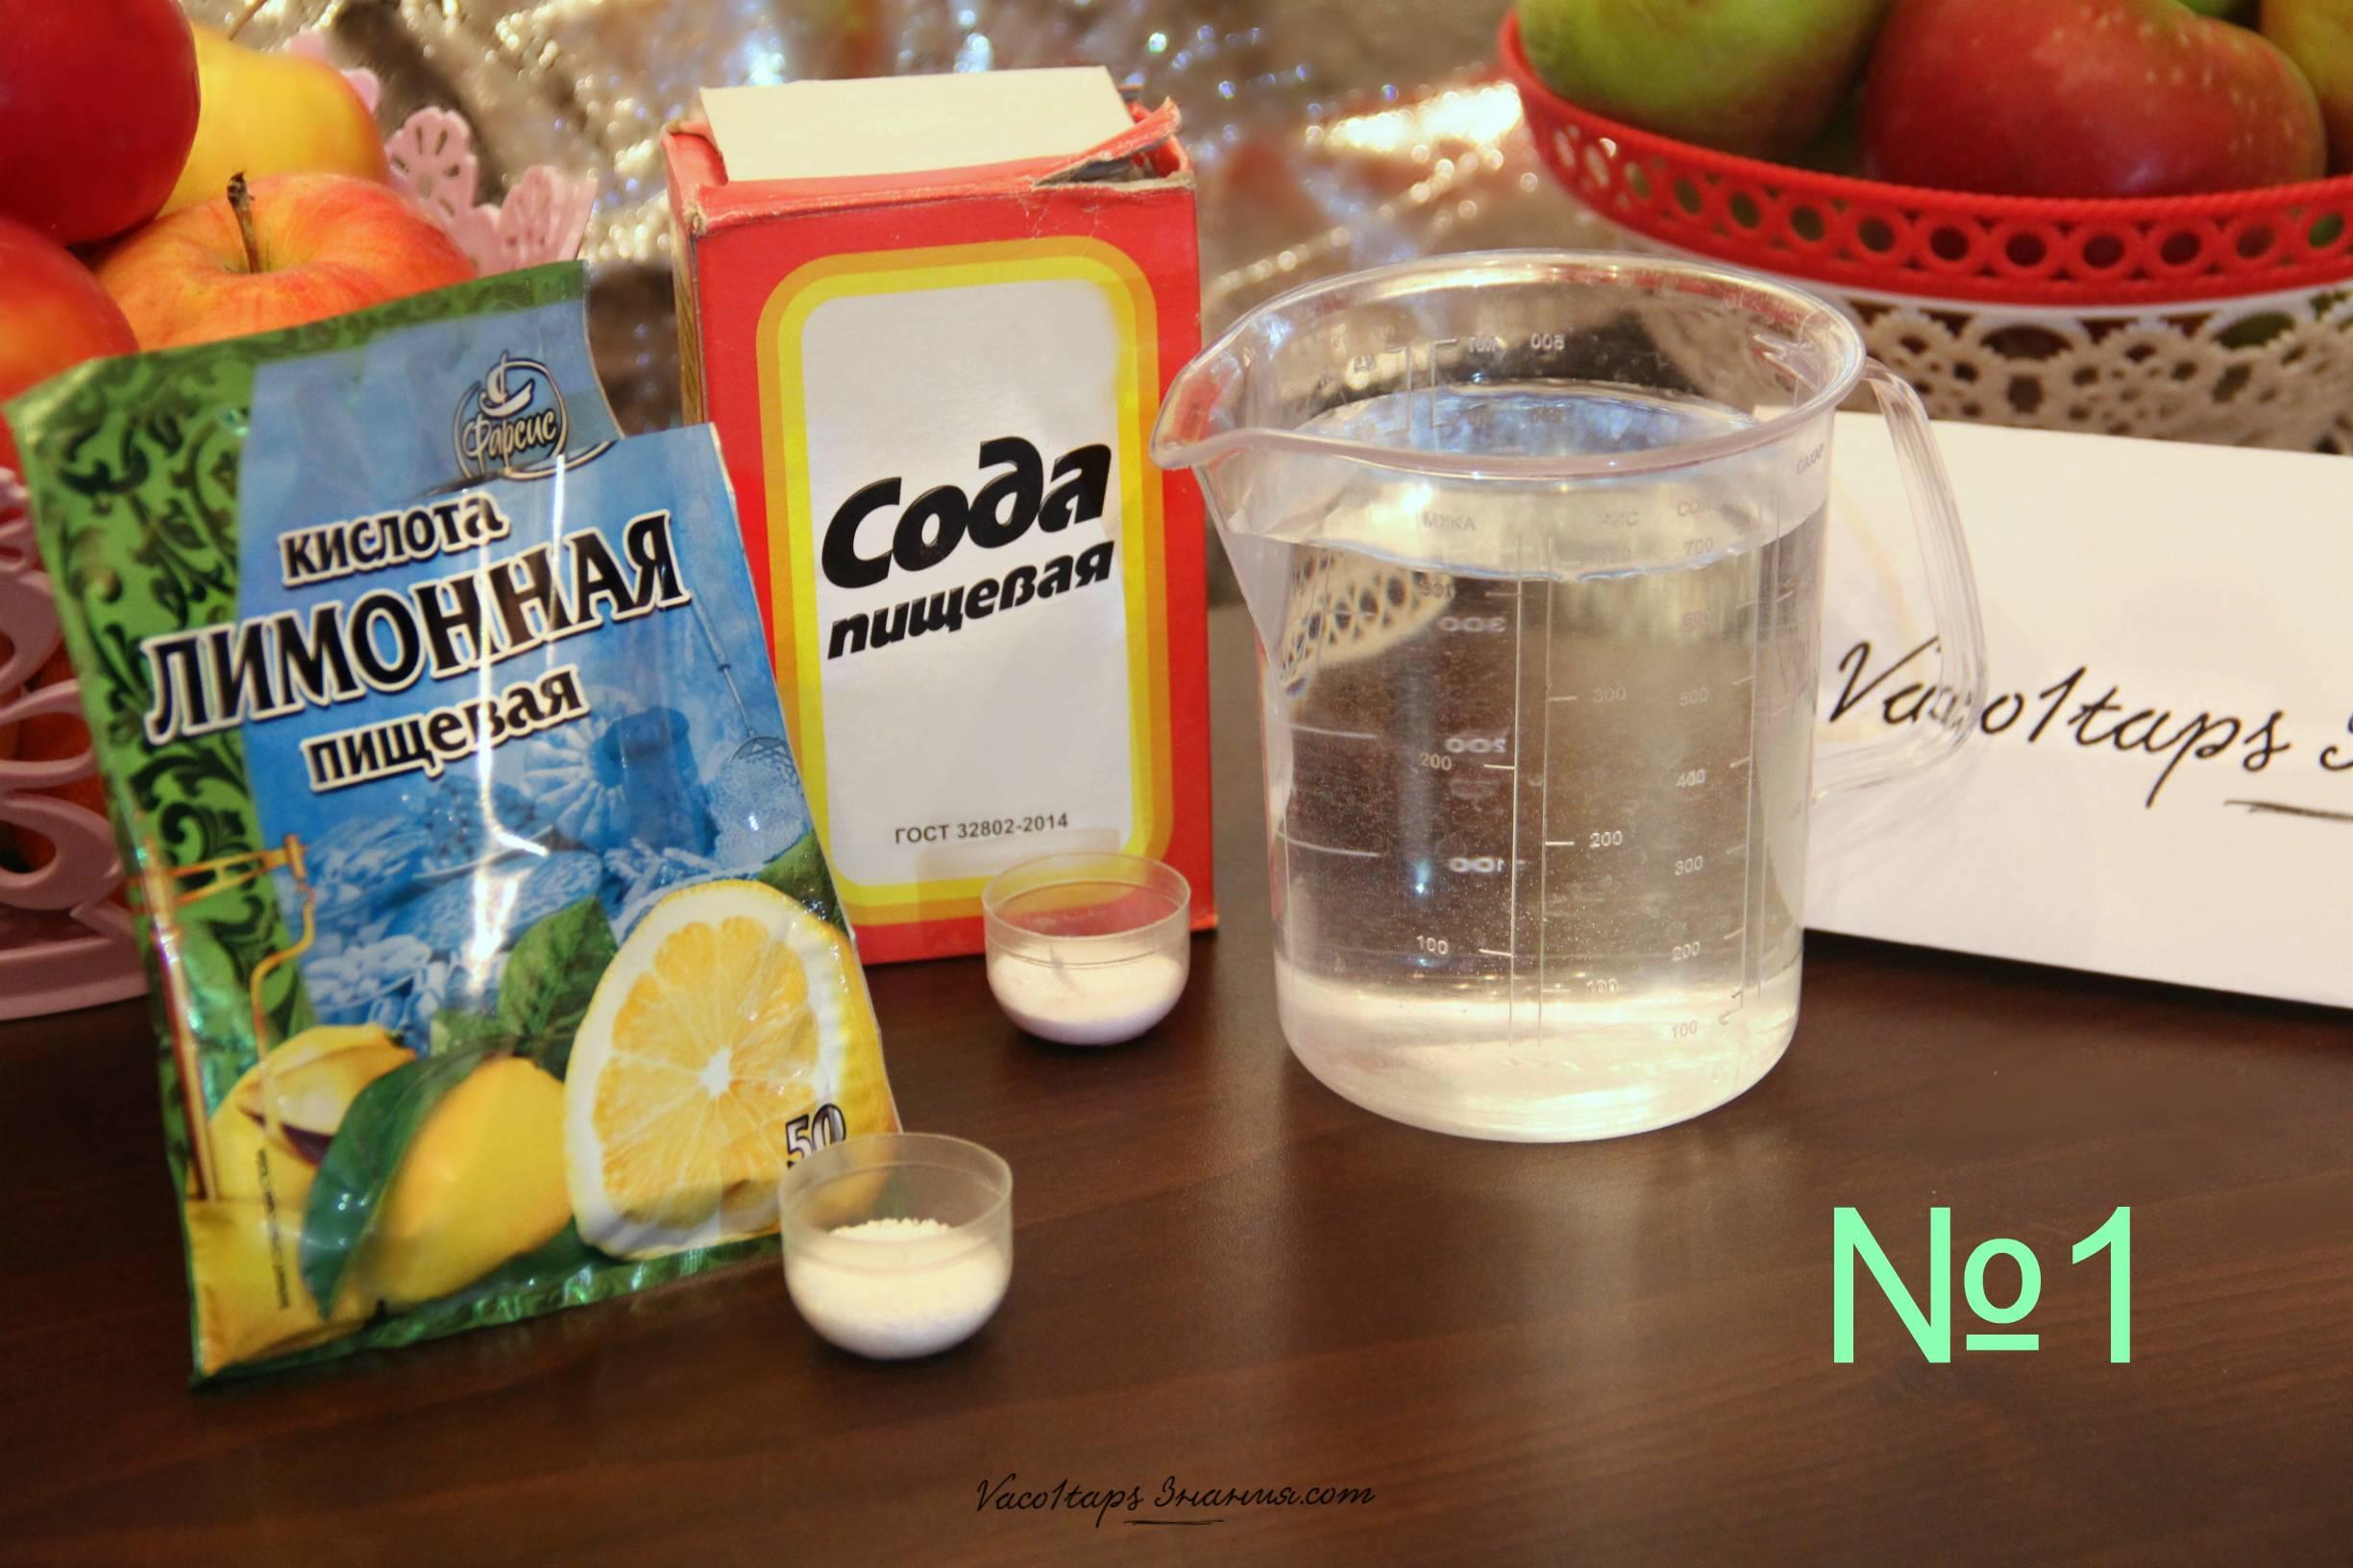 Шипучка из лимонной кислоты и соды польза и вред